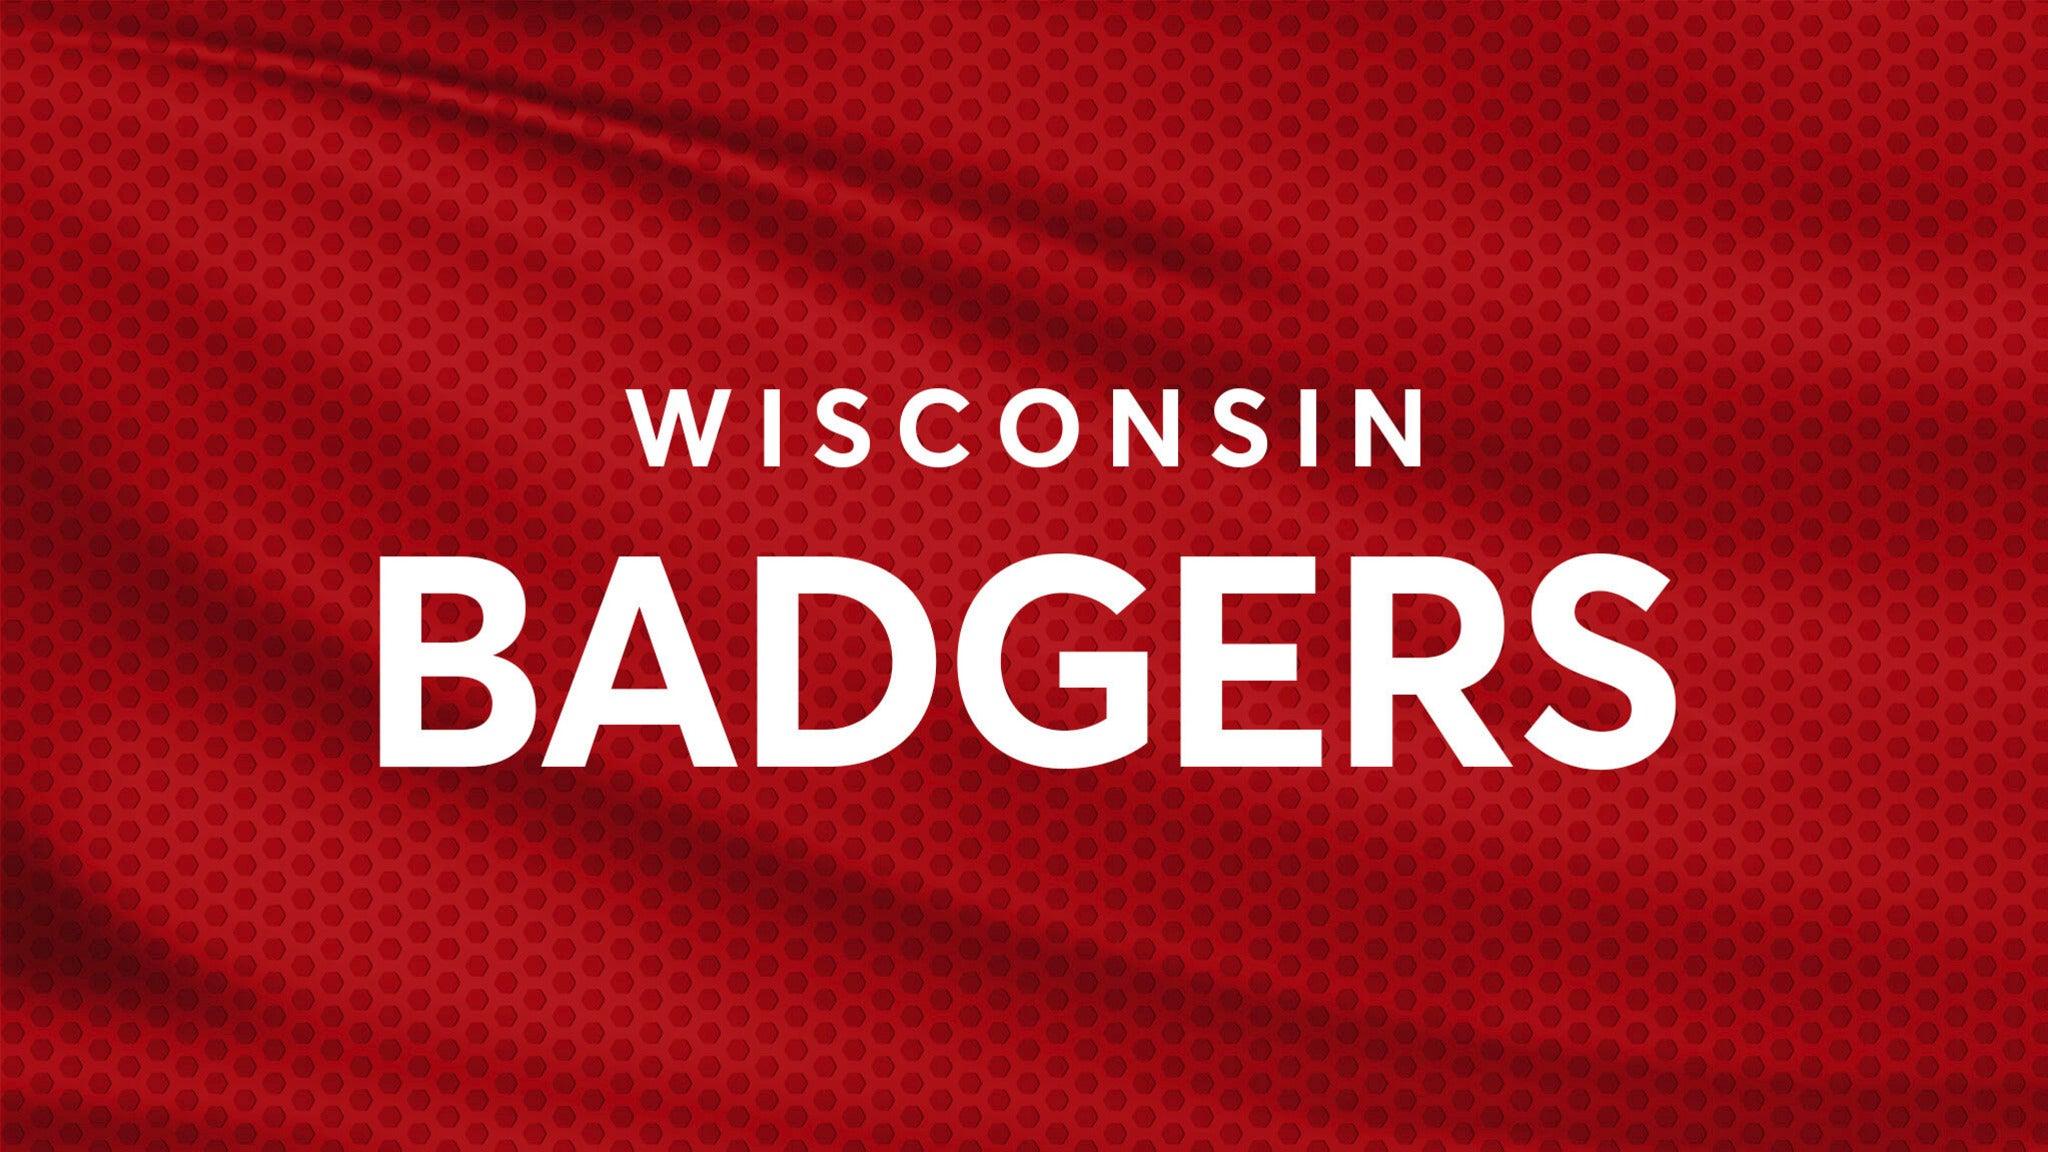 Wisconsin Badgers Wrestling